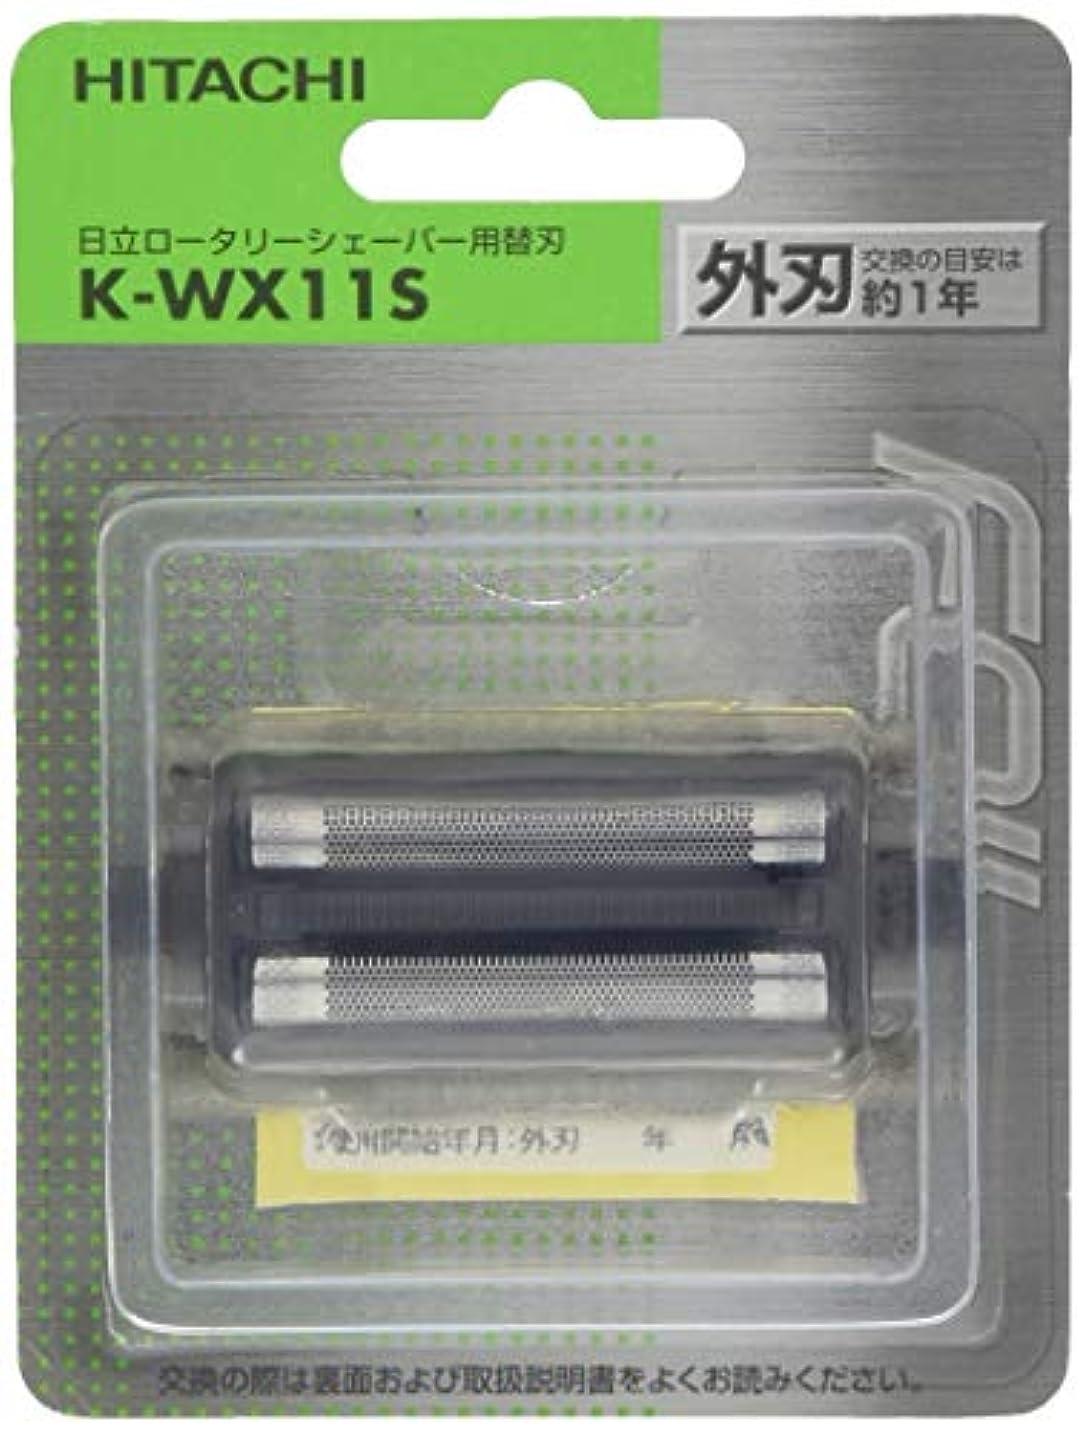 吸う報酬爆弾日立 替刃 外刃 K-WX11S